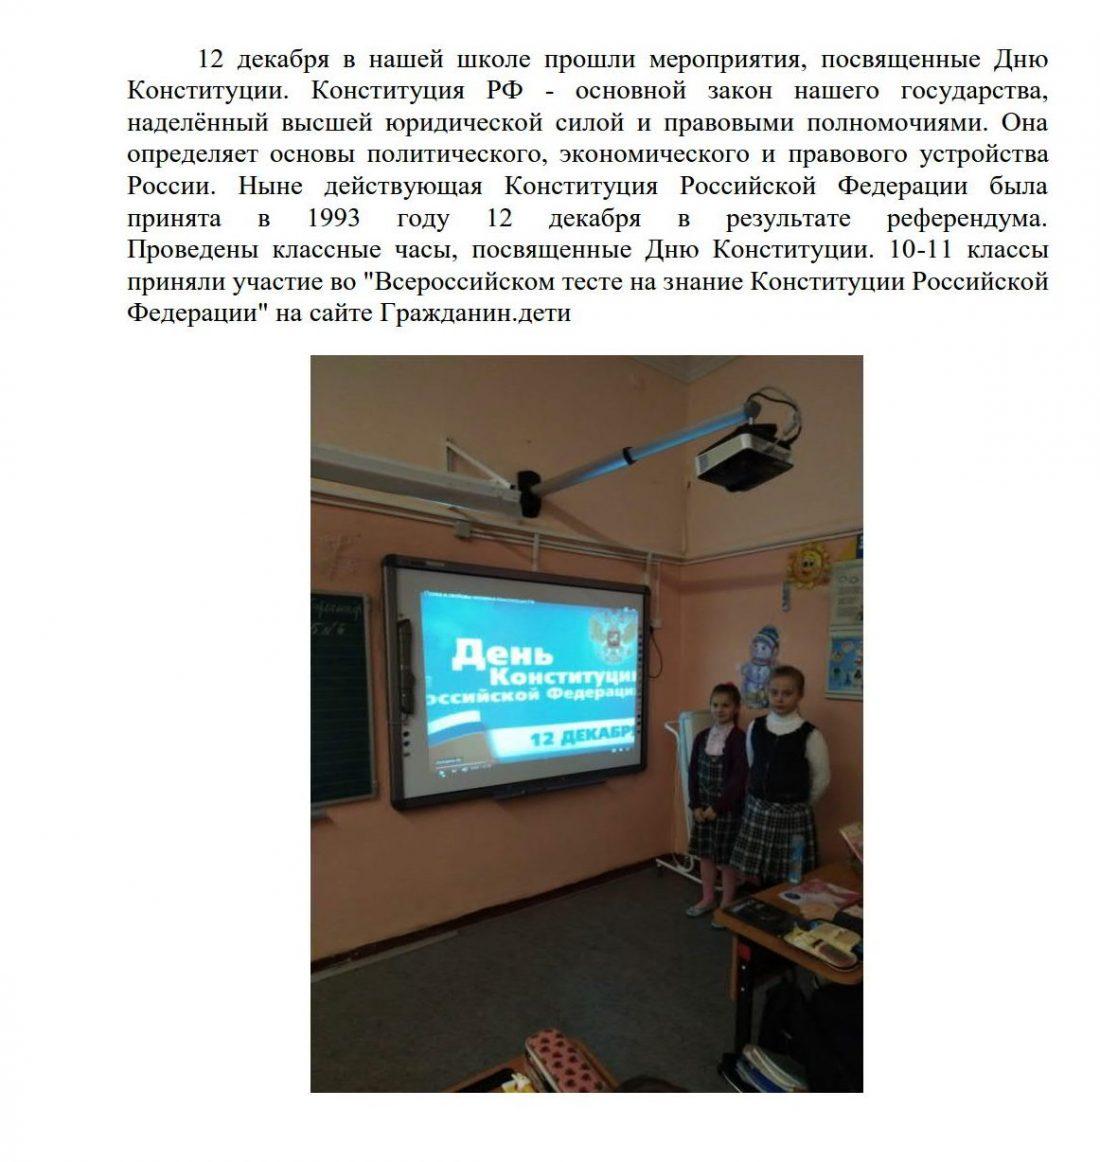 12 декабря в школе прошли мероприятия, посвященные Дню Конституции._1